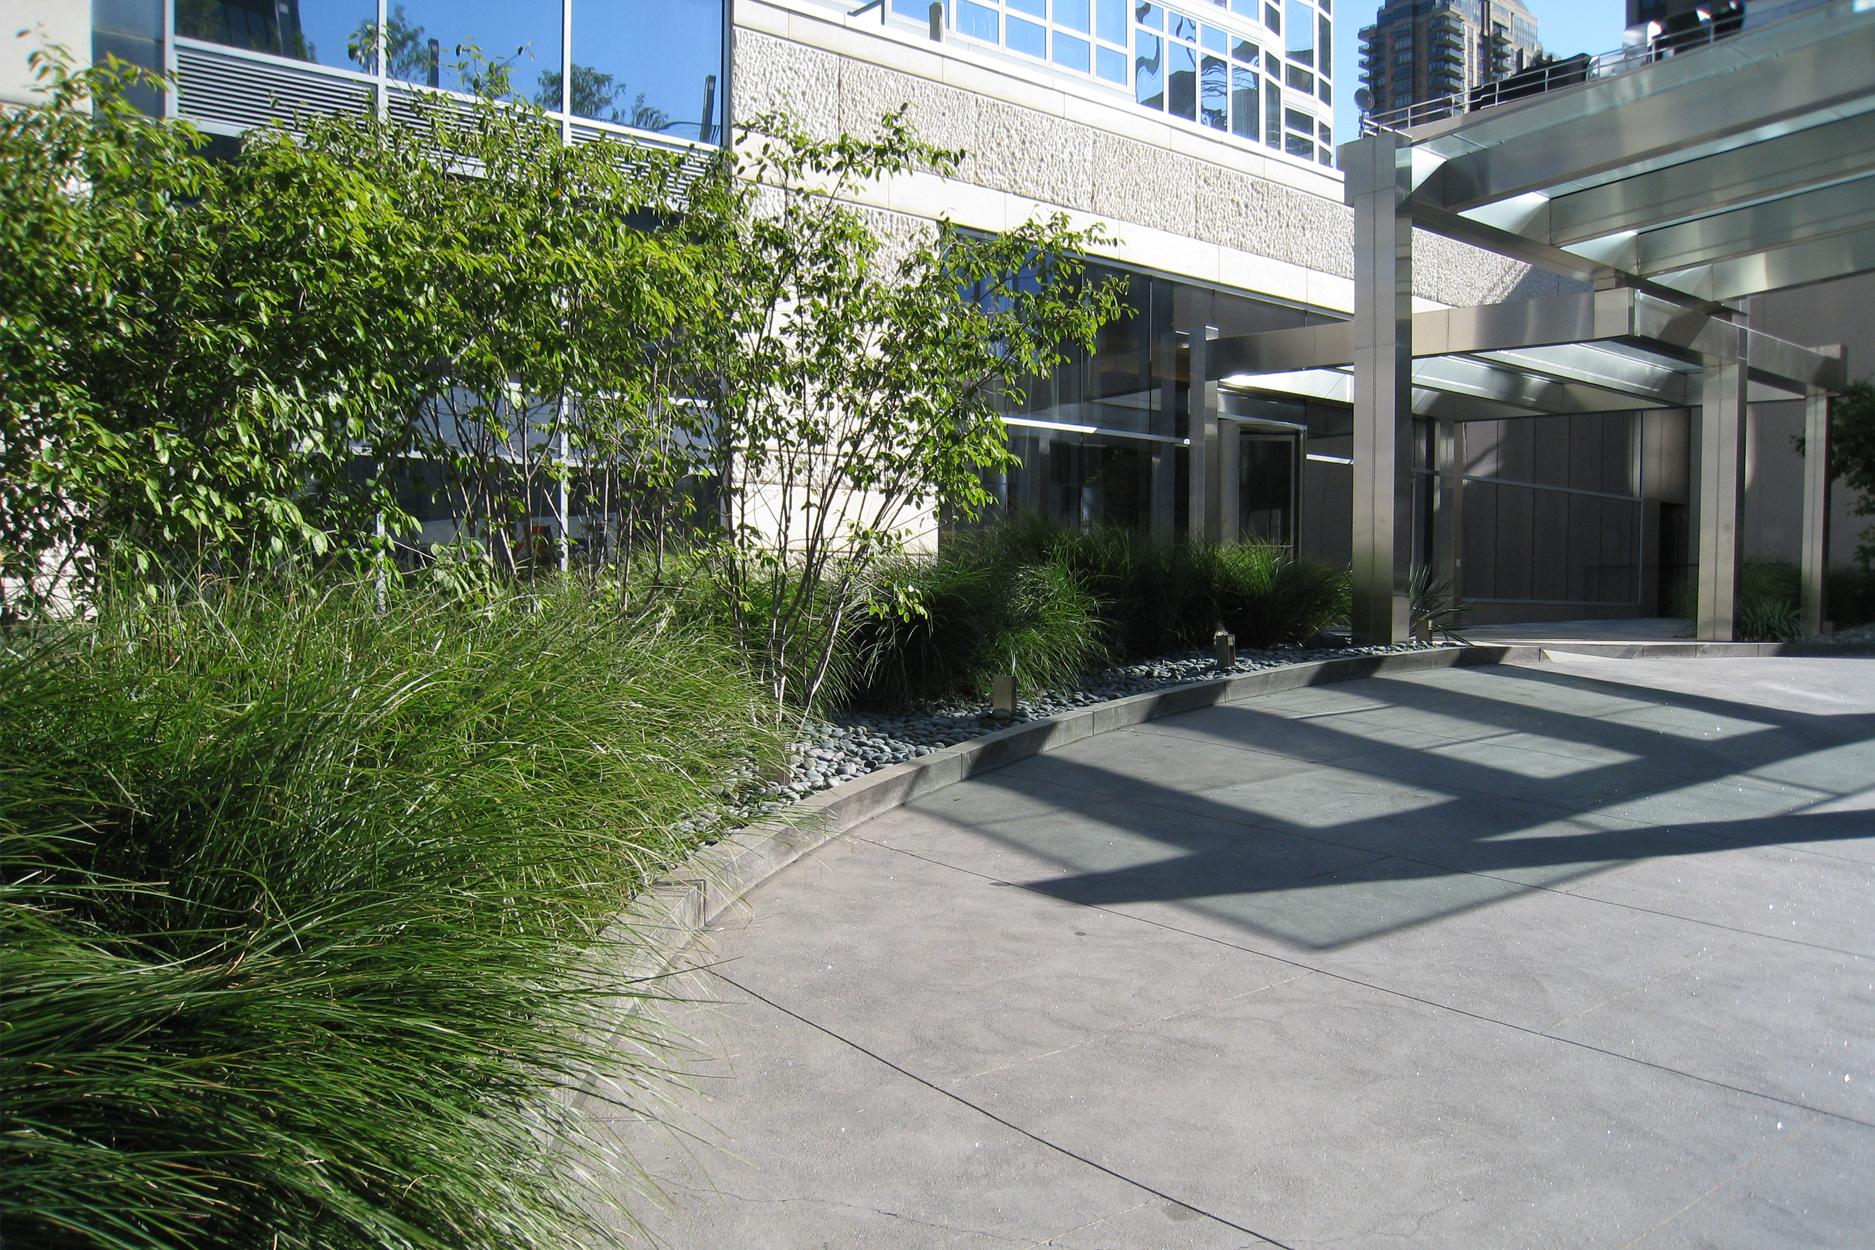 Element Condominium landscape architecture